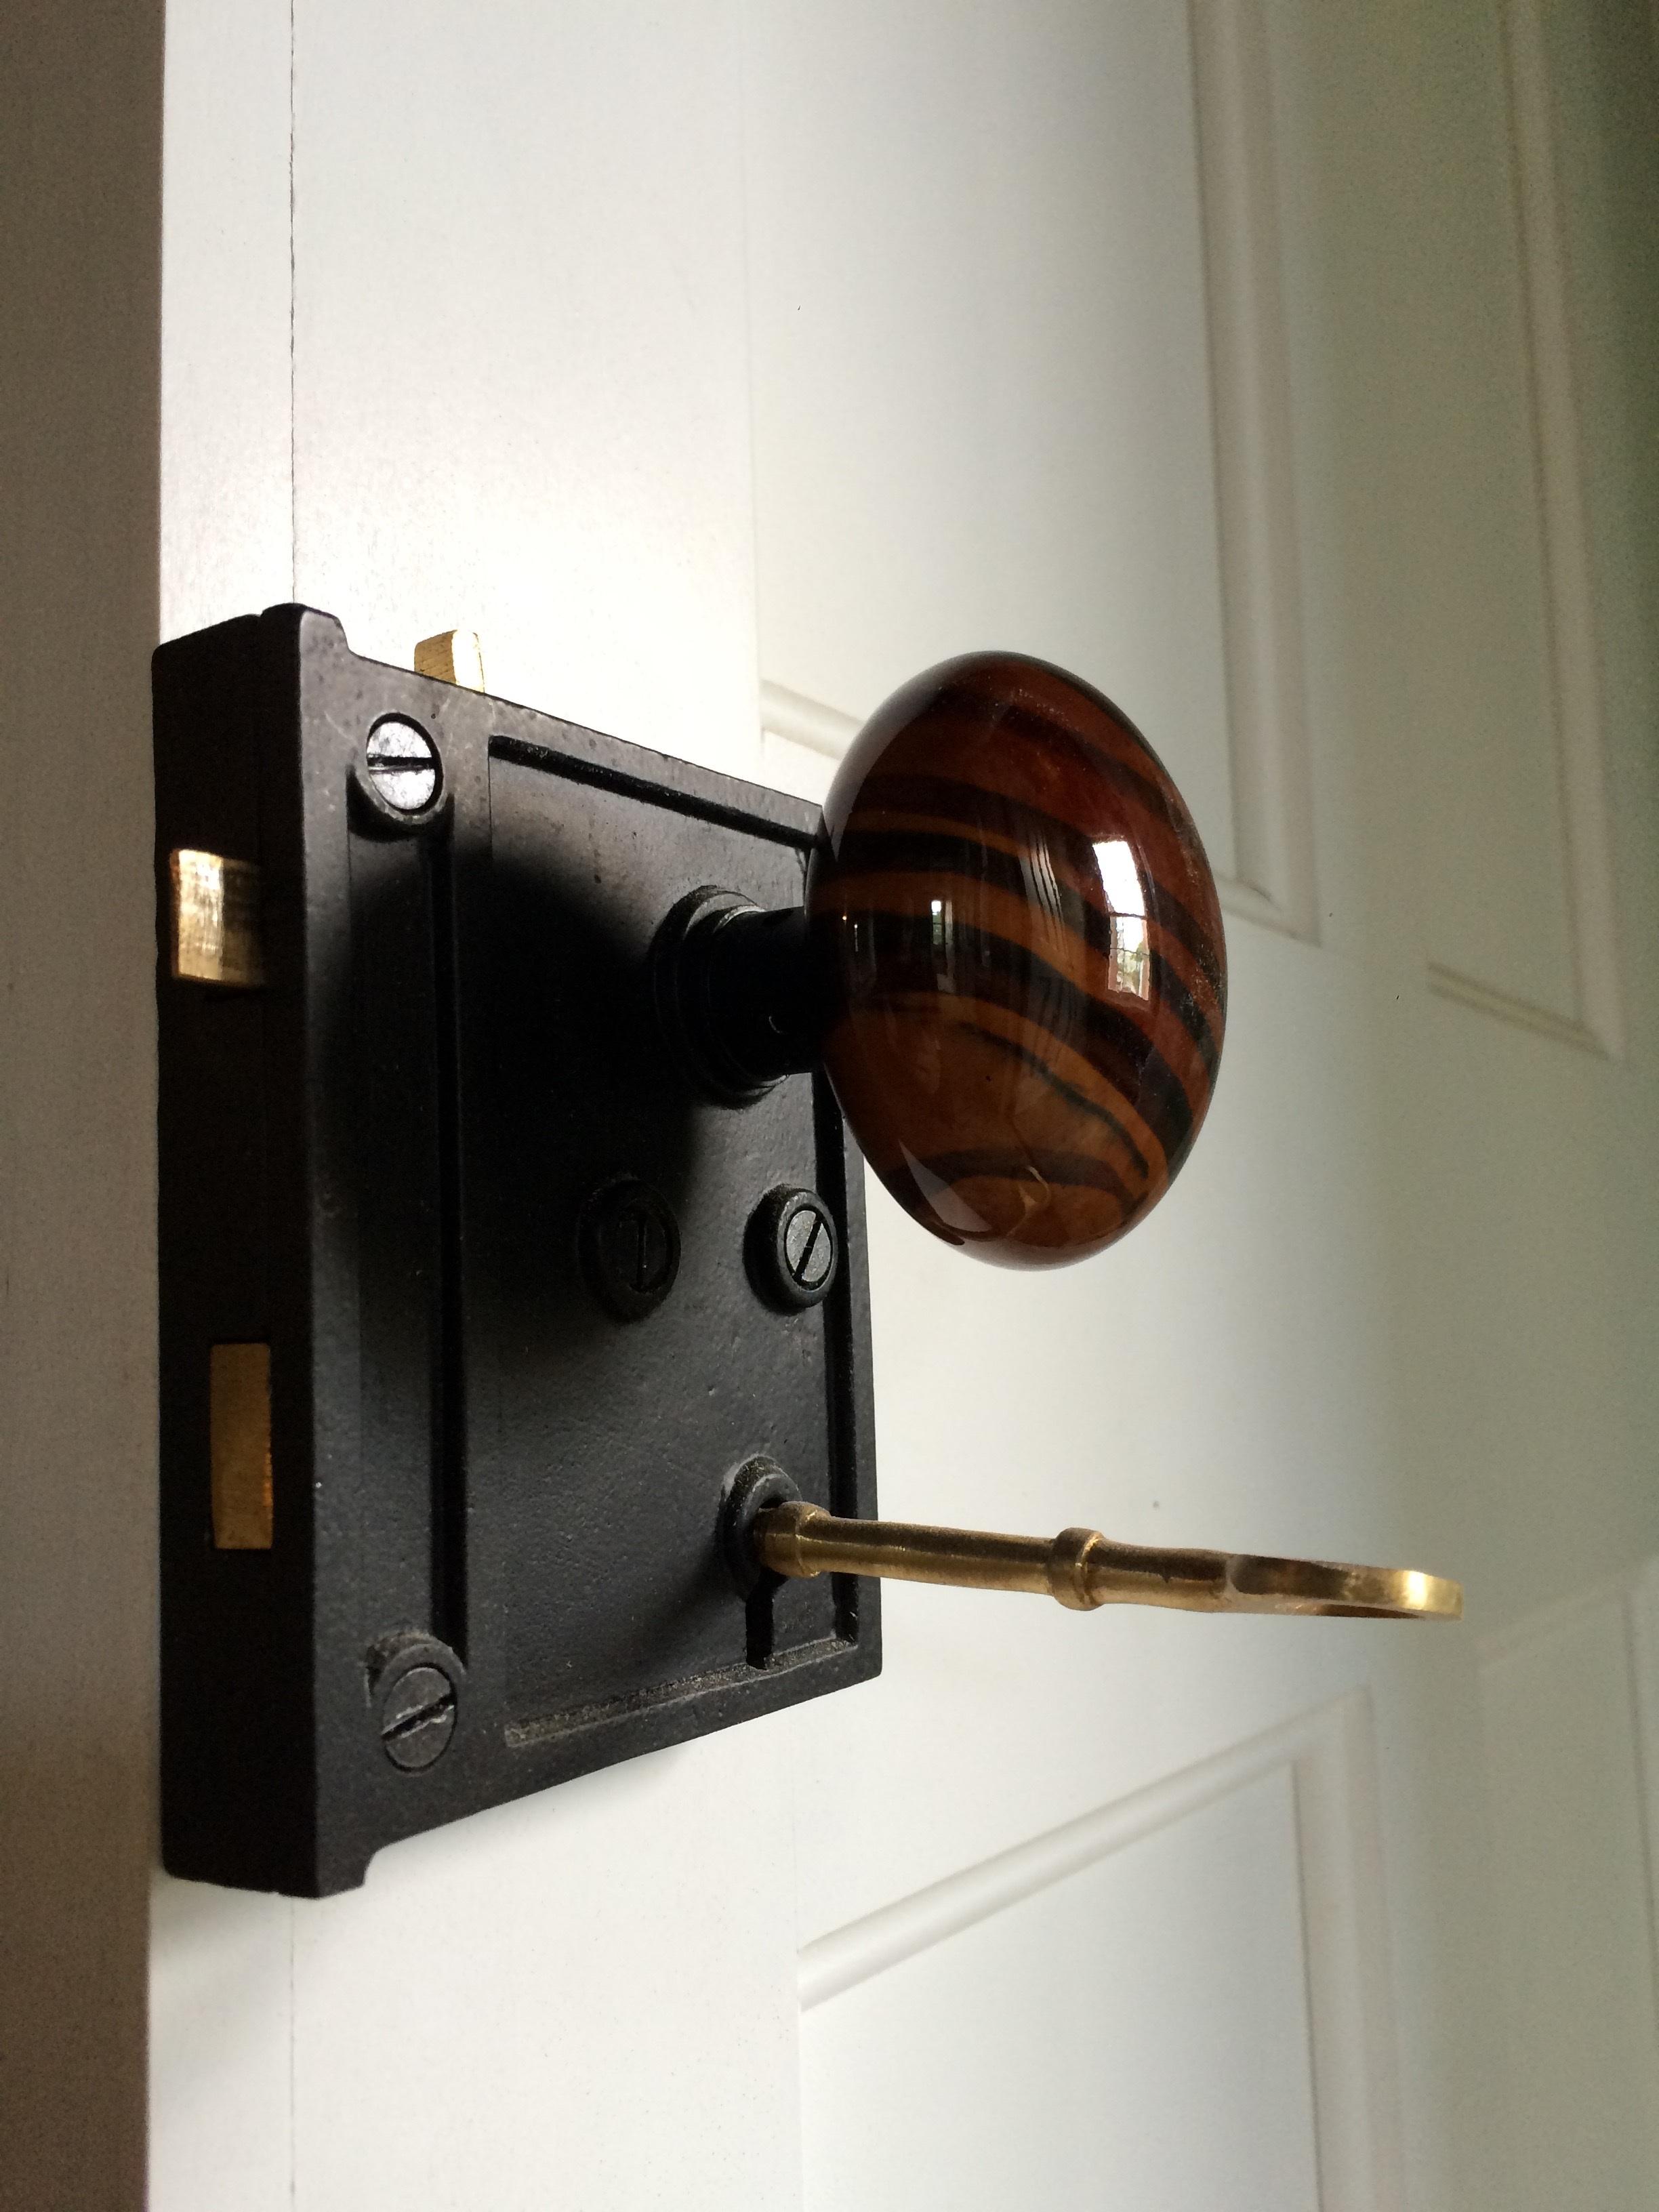 Free Images Wood Ceiling Key Room Lighting Door Handle Interior Design Light Fixture